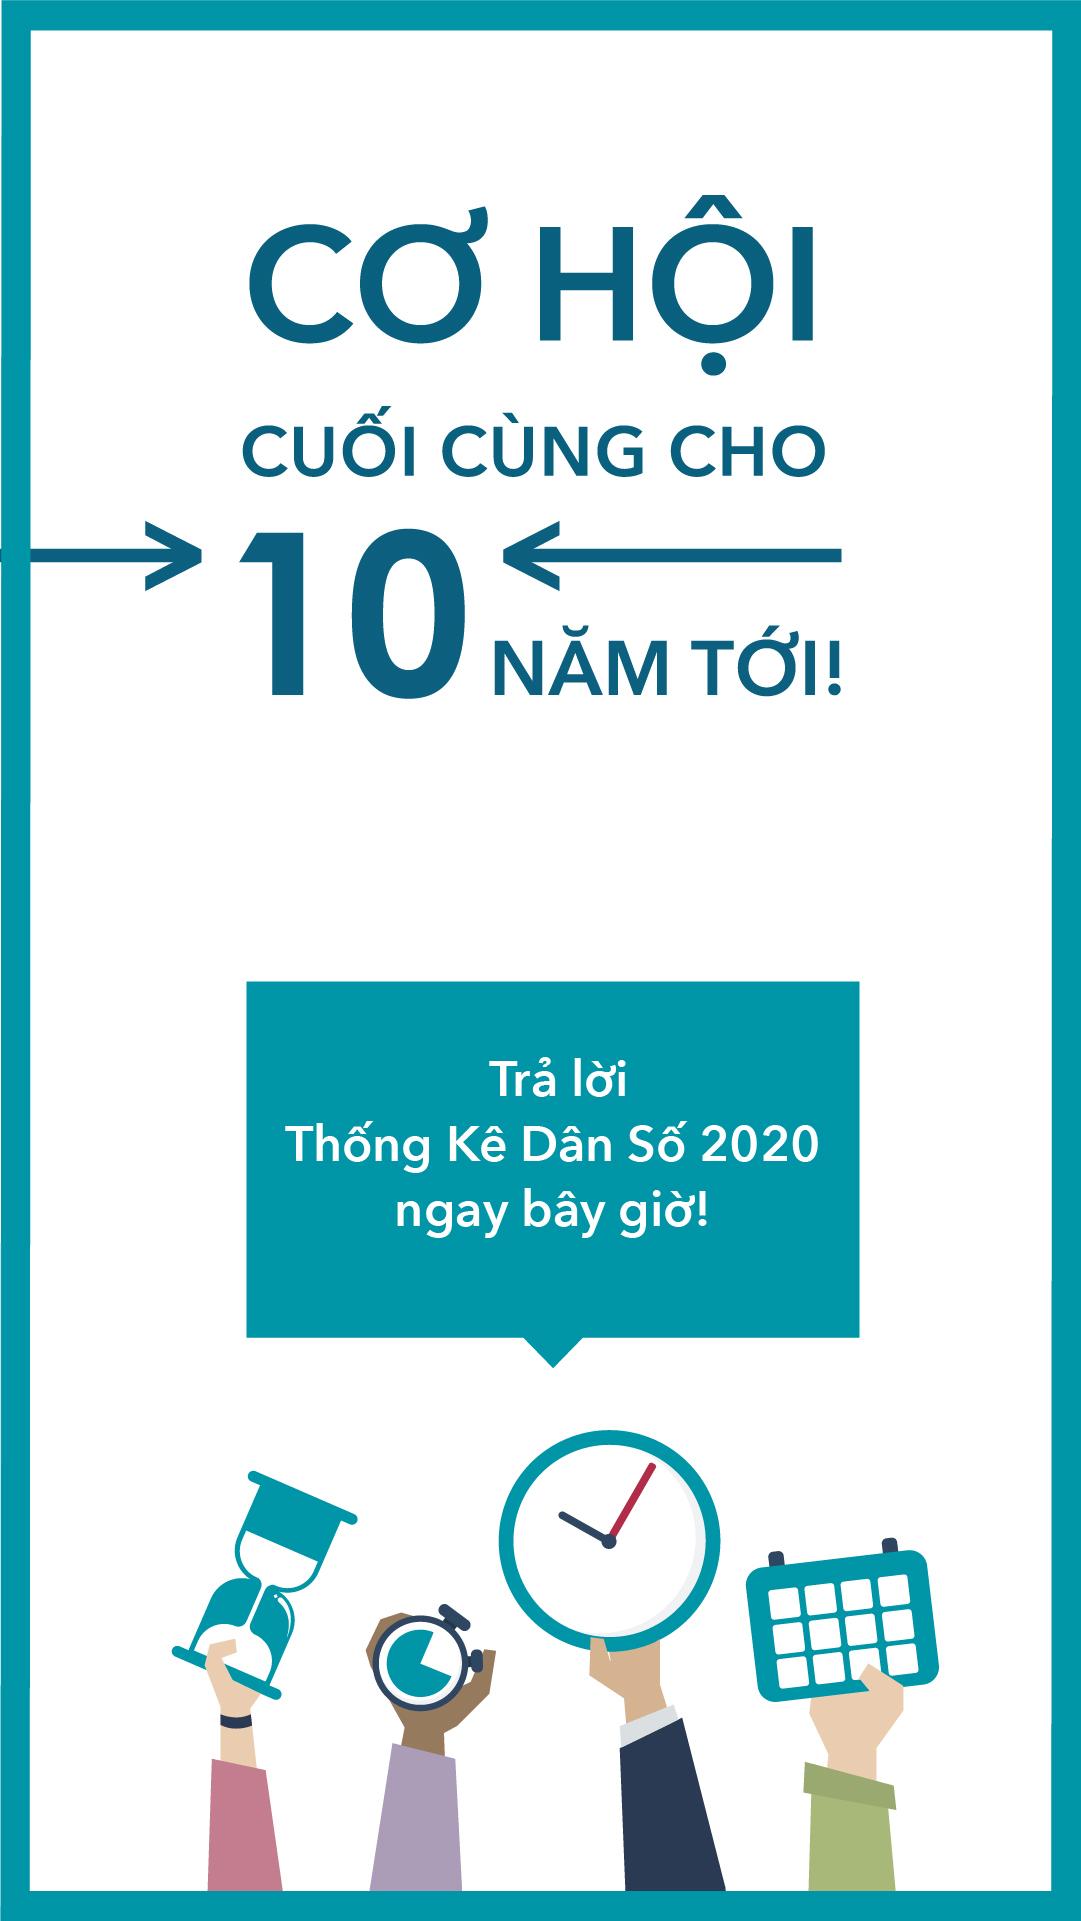 Các tiếng nói đáng tin cậy của Cộng đồng người Á Châu đoàn kết để khuyến khích cộng đồng trả lời Thống Kê Dân Số 2020